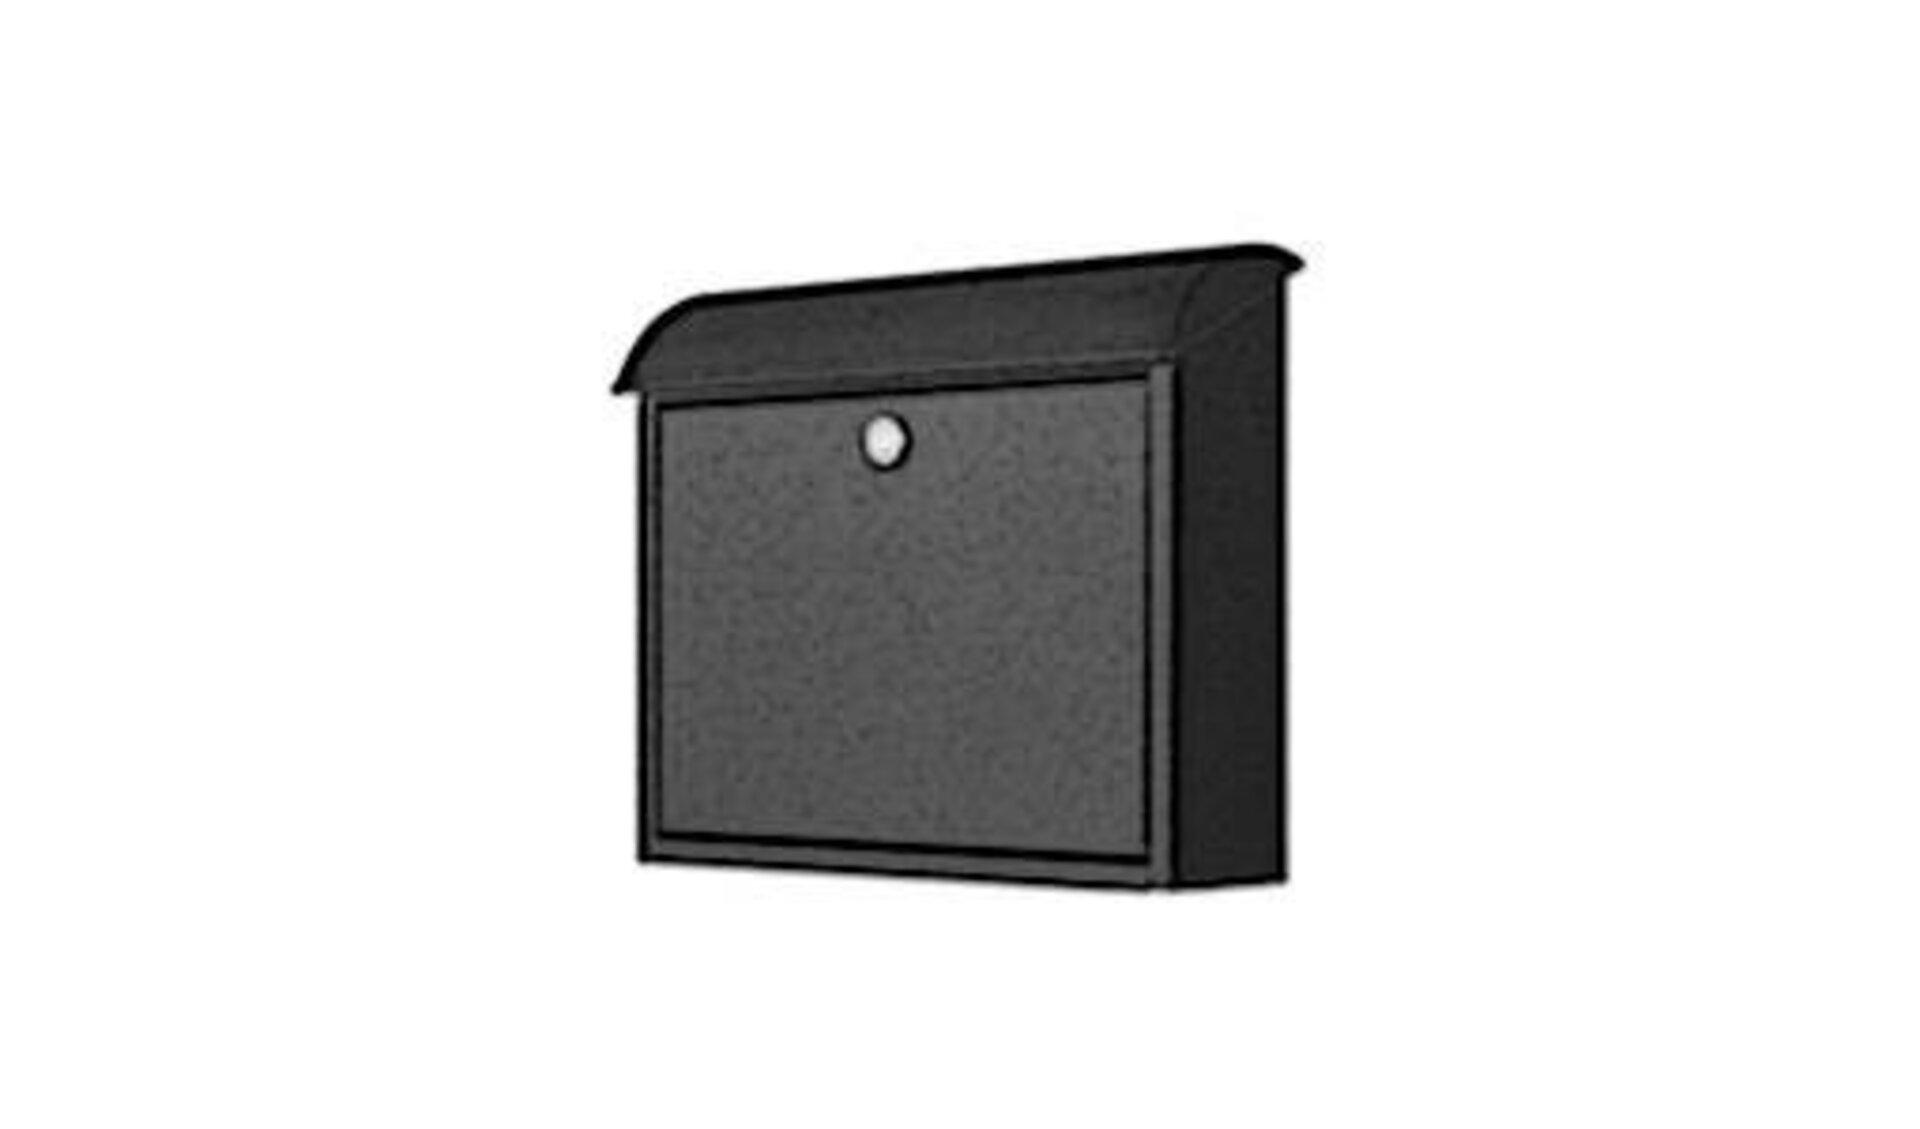 Rechteckiger Briefkasten mit halbrundem Deckel in anthrazit. Der typische Briefkasten steht für die Briefkästen innerhalb der Produktwelt..